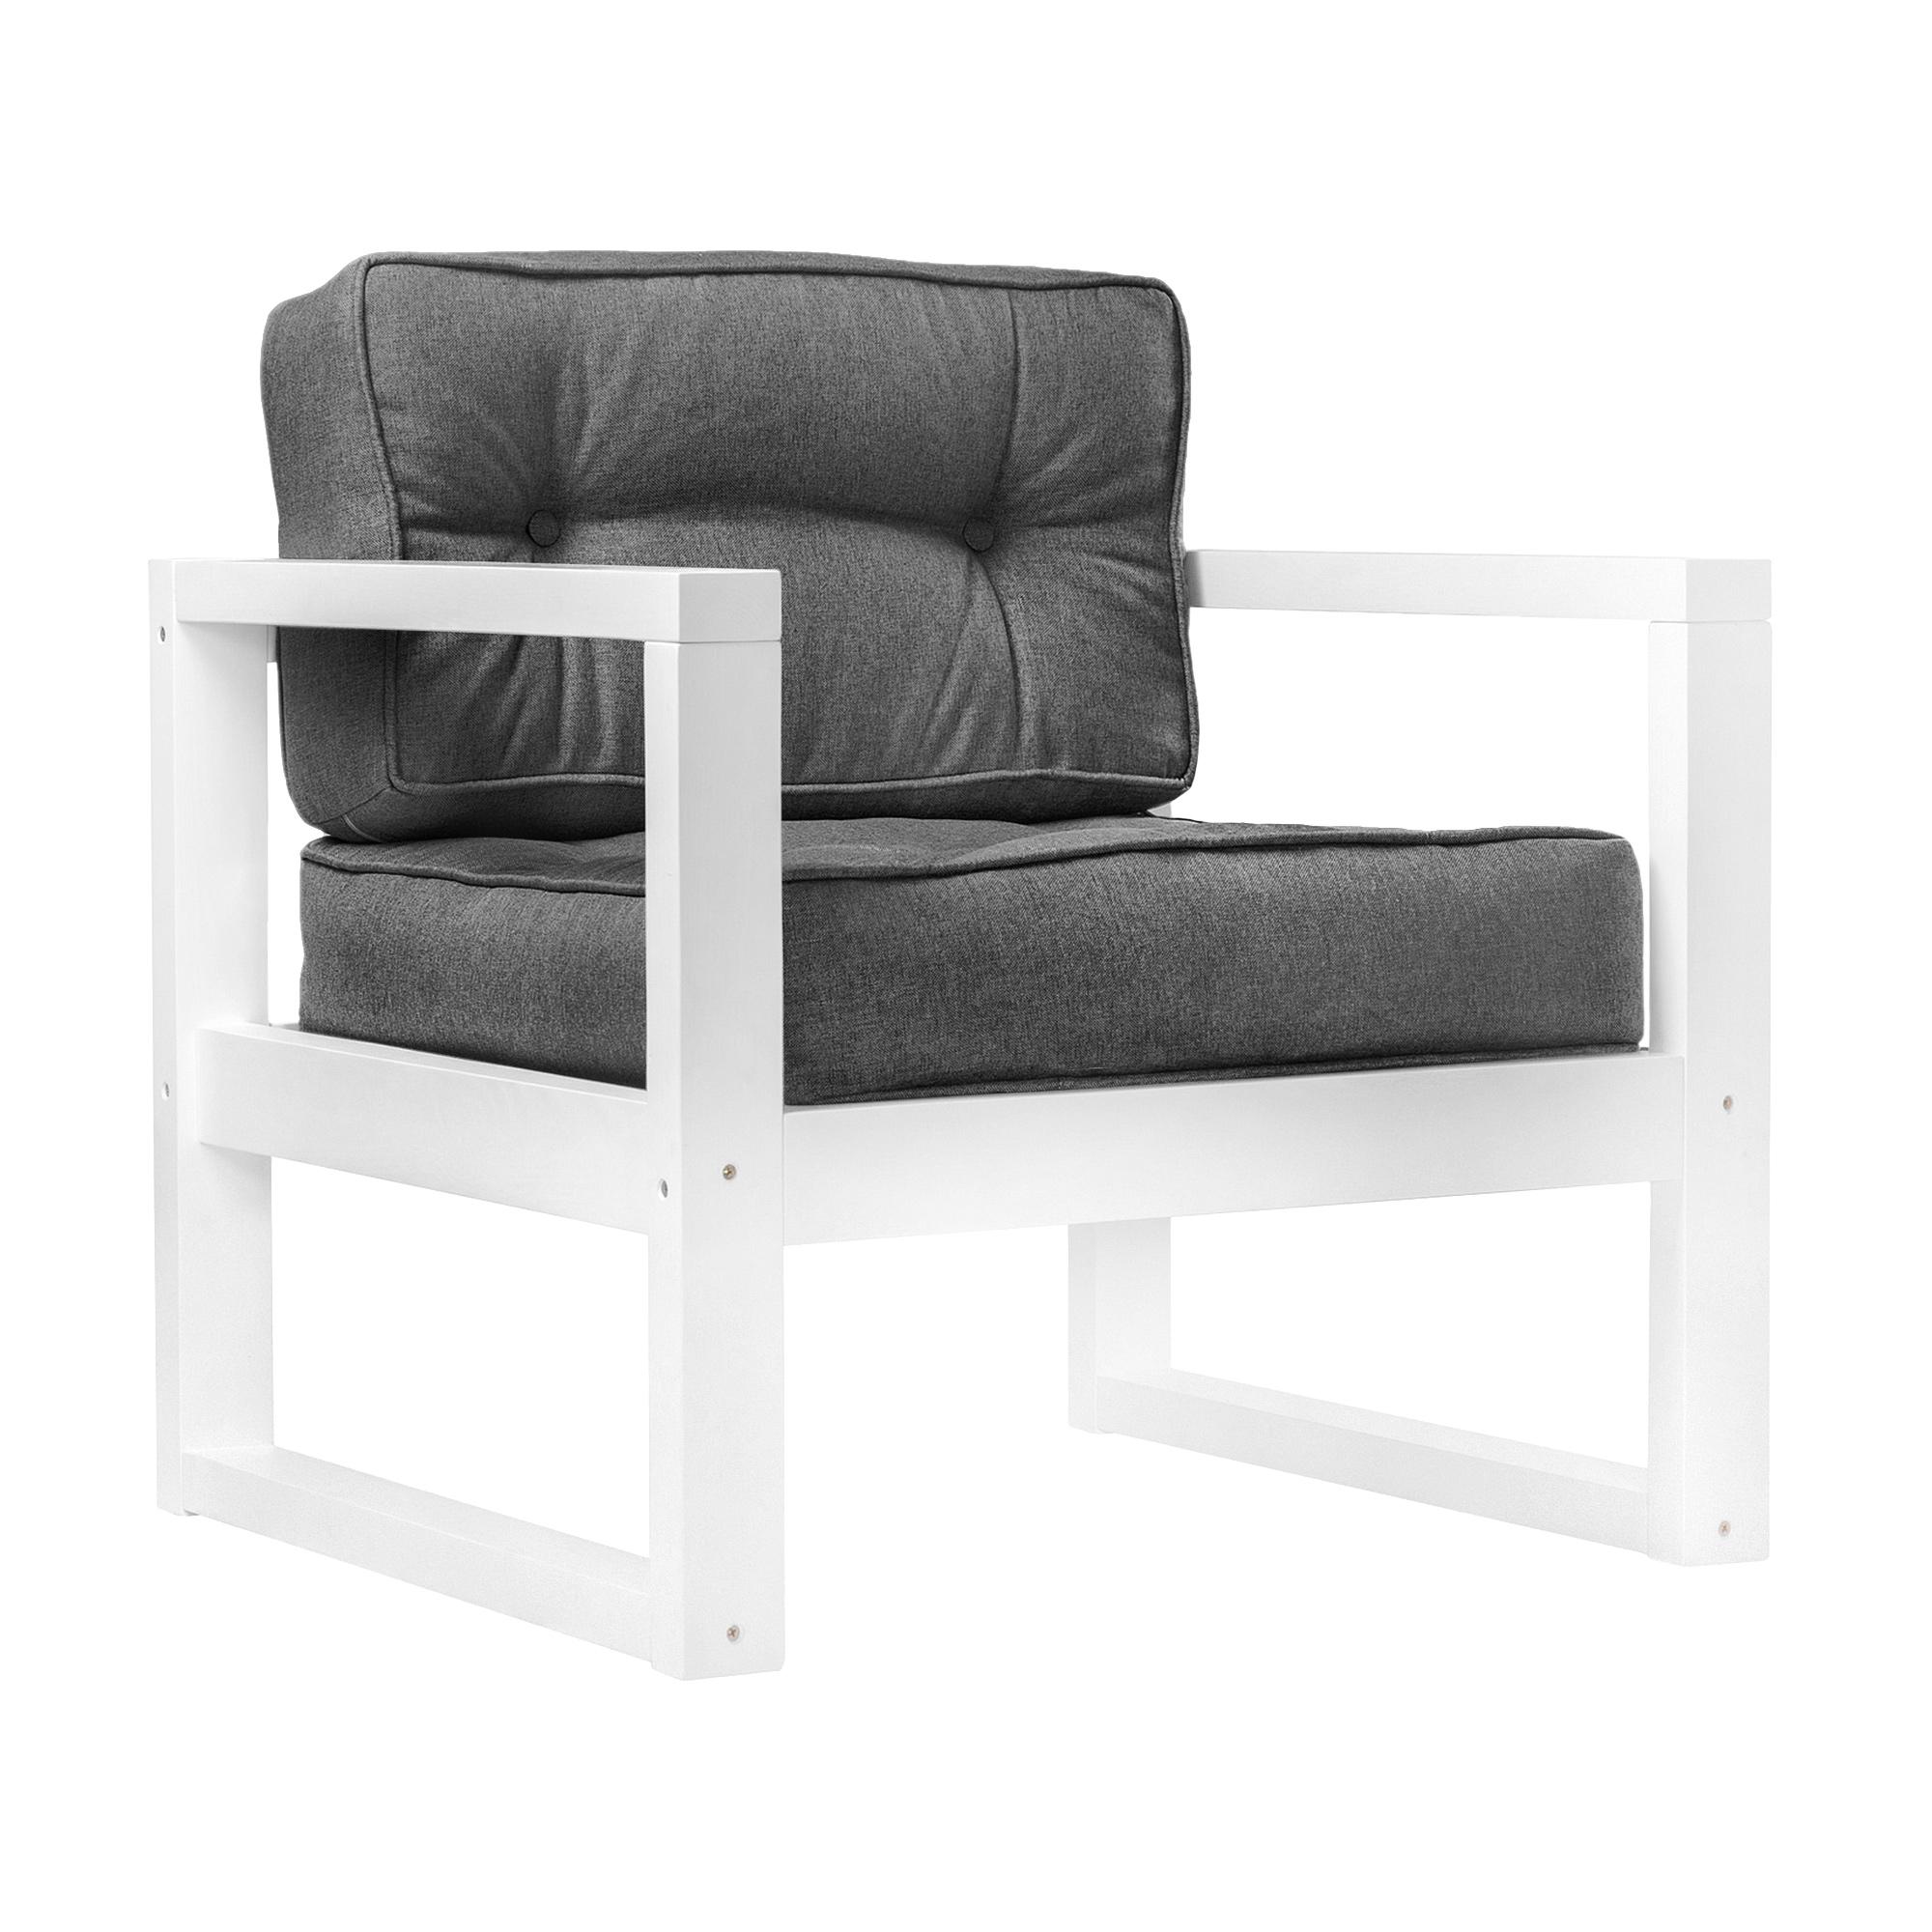 Фото - Кресло AS Алекс 80x73x65 белый/графитовый диван as алекс б 178x73x64 белый графитовый